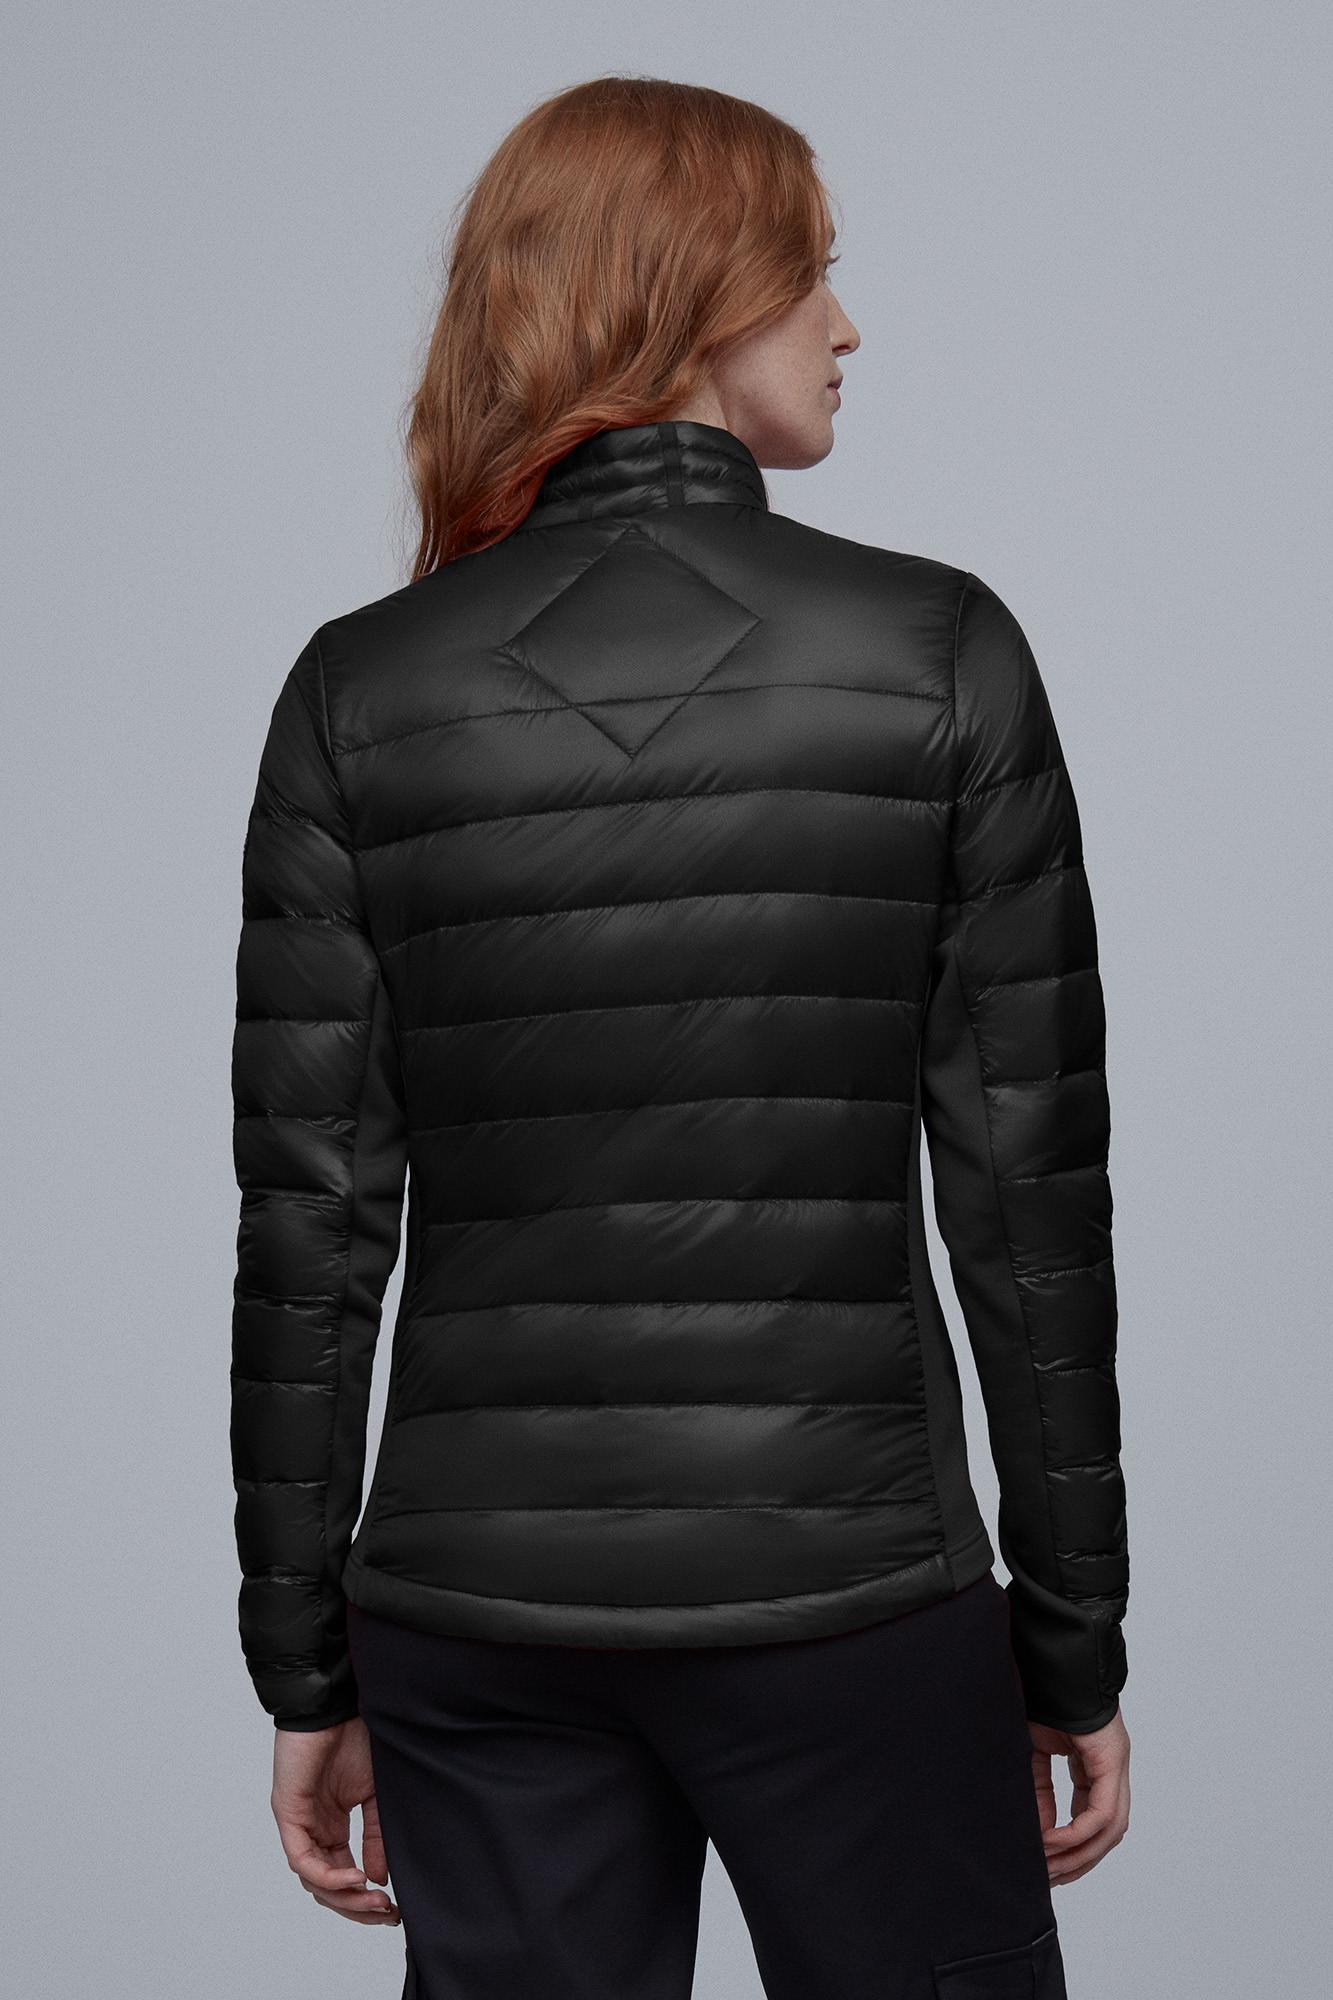 Details about Canada Goose Women's Hybridge Lite Jacket Size XS ORIGINAL PHOTOS